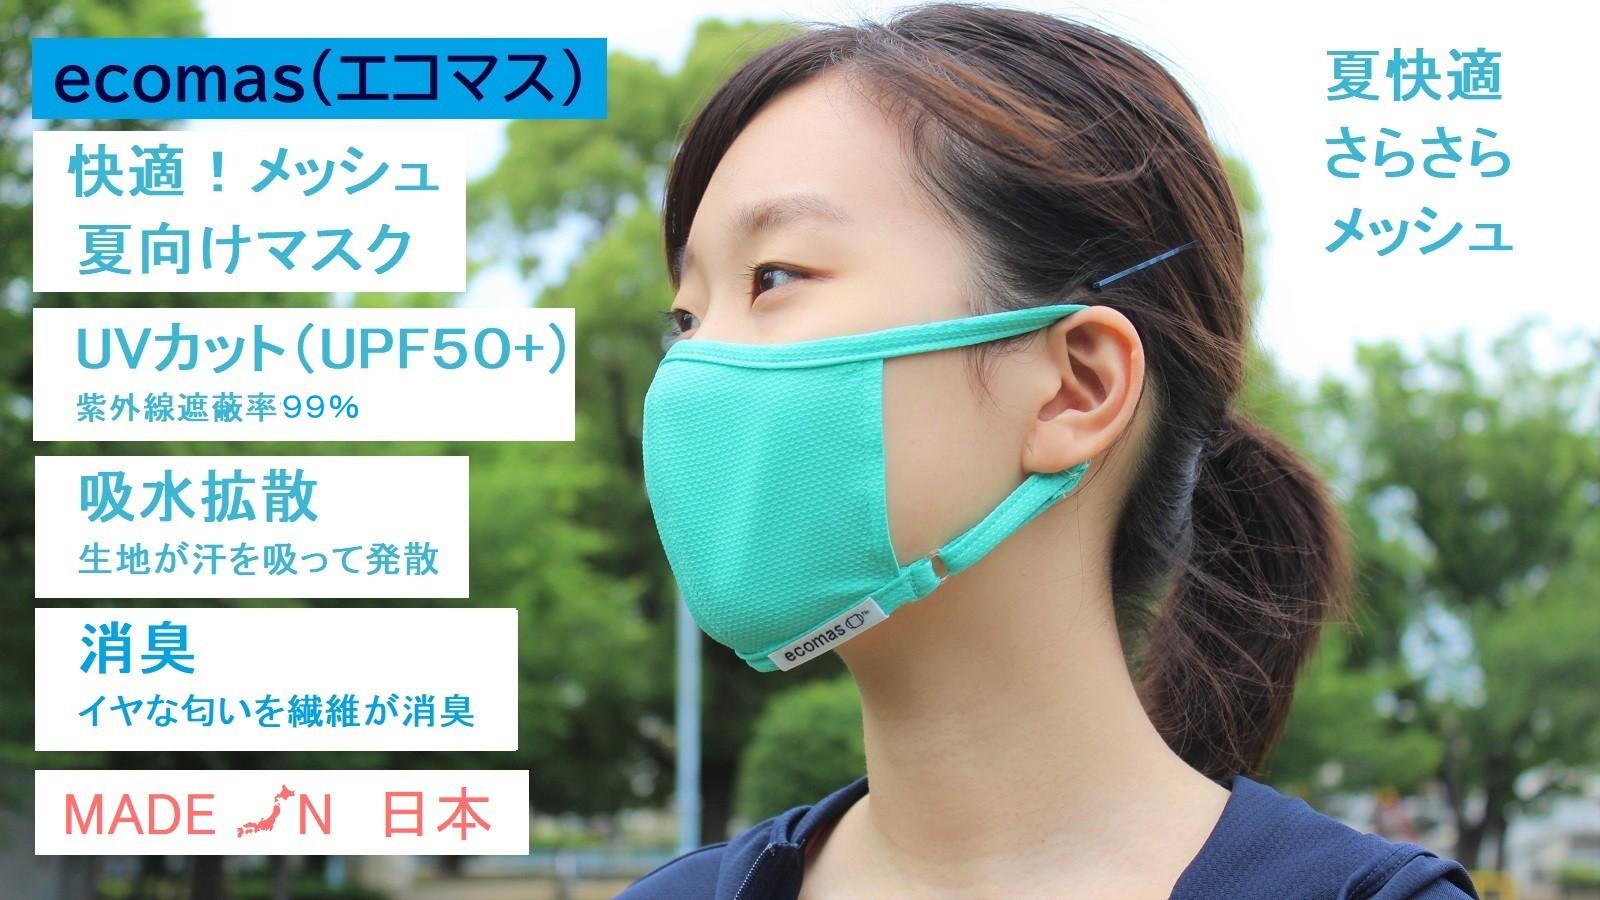 7月9日(木)PM12:00 スタート!